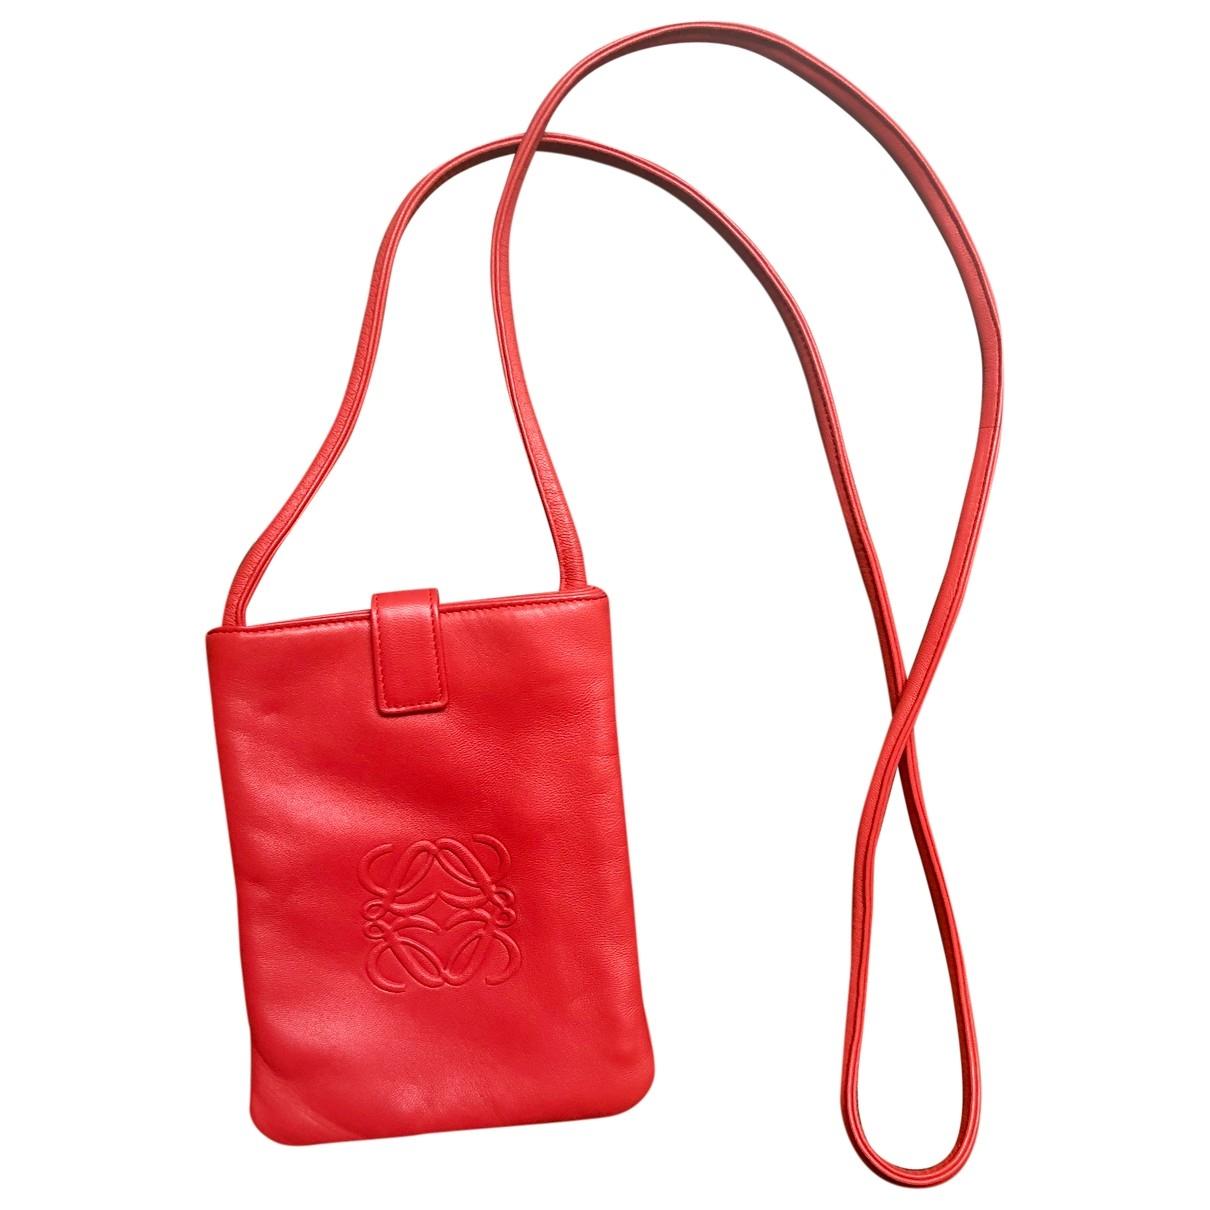 Loewe \N Red Fur Clutch bag for Women \N